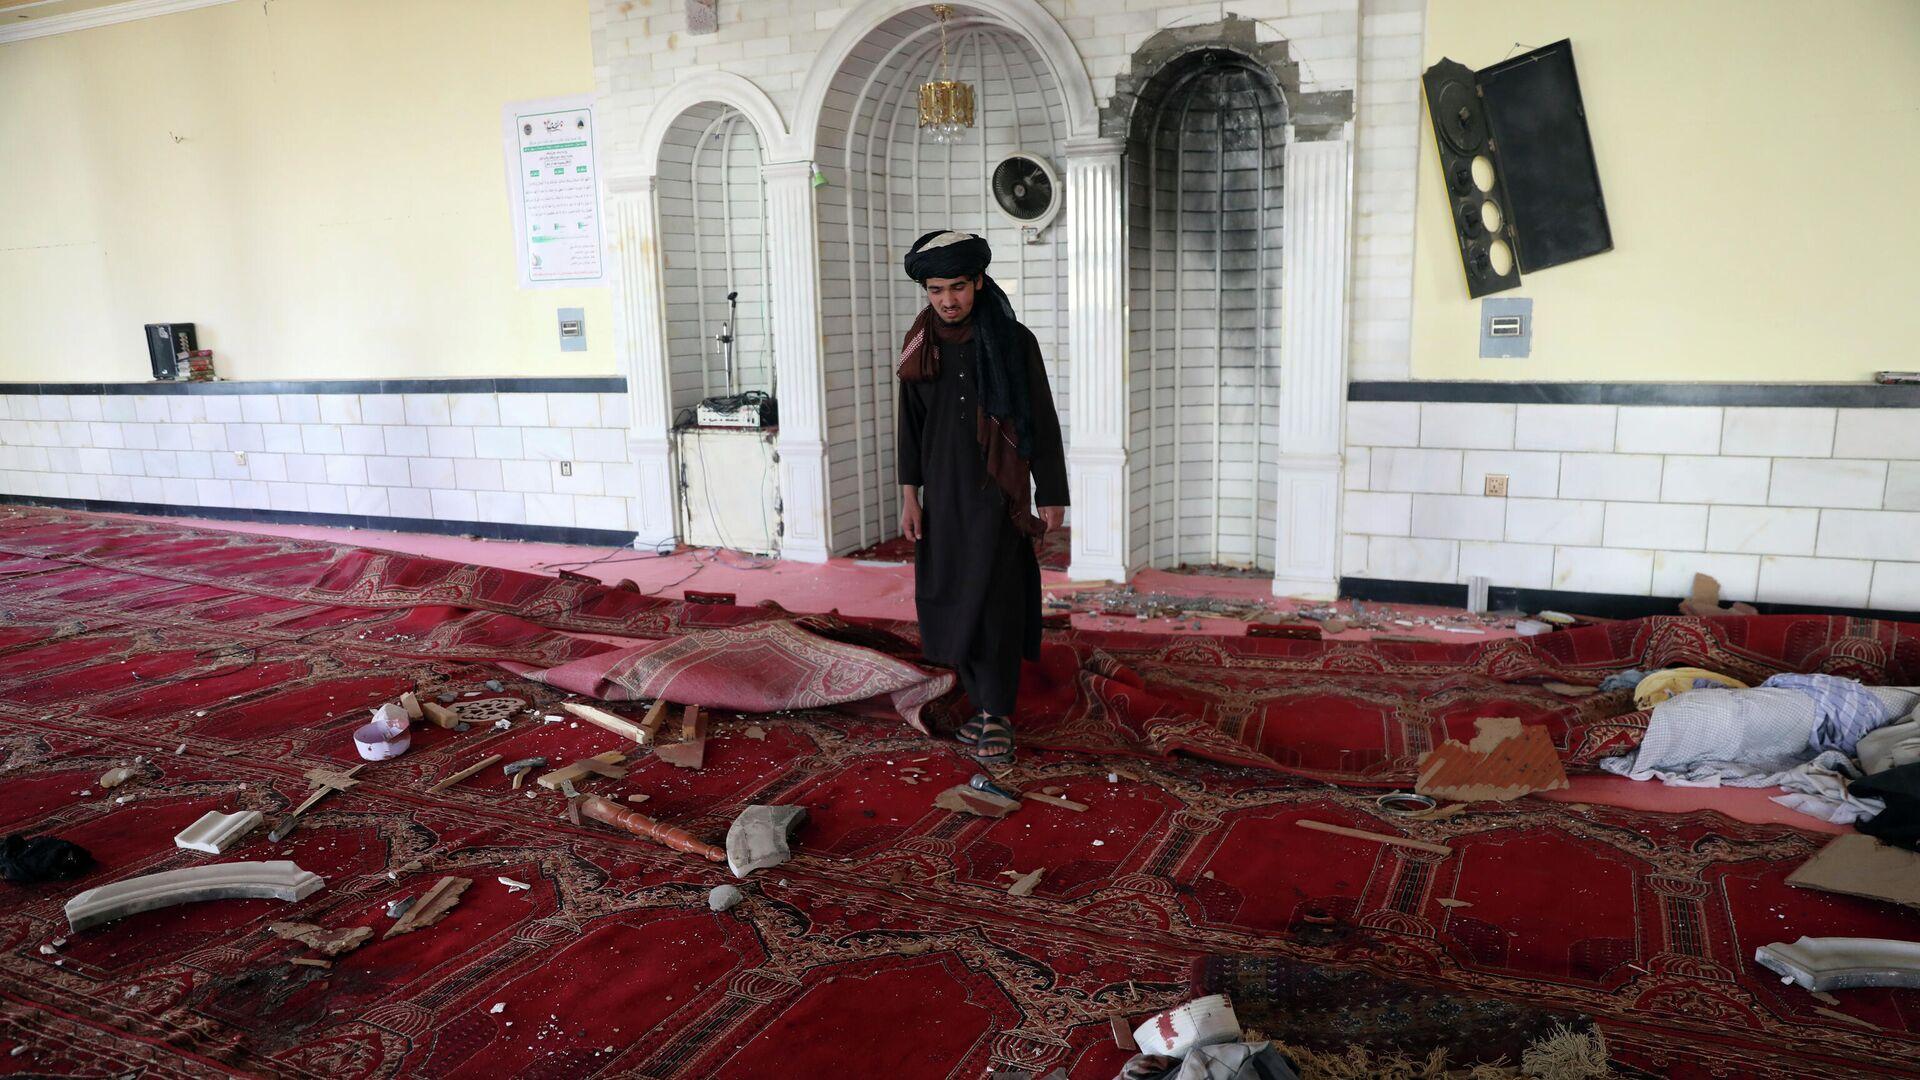 На месте взрыва в мечети в Кабуле, Афганистан. 14 мая 2021 - РИА Новости, 1920, 14.05.2021